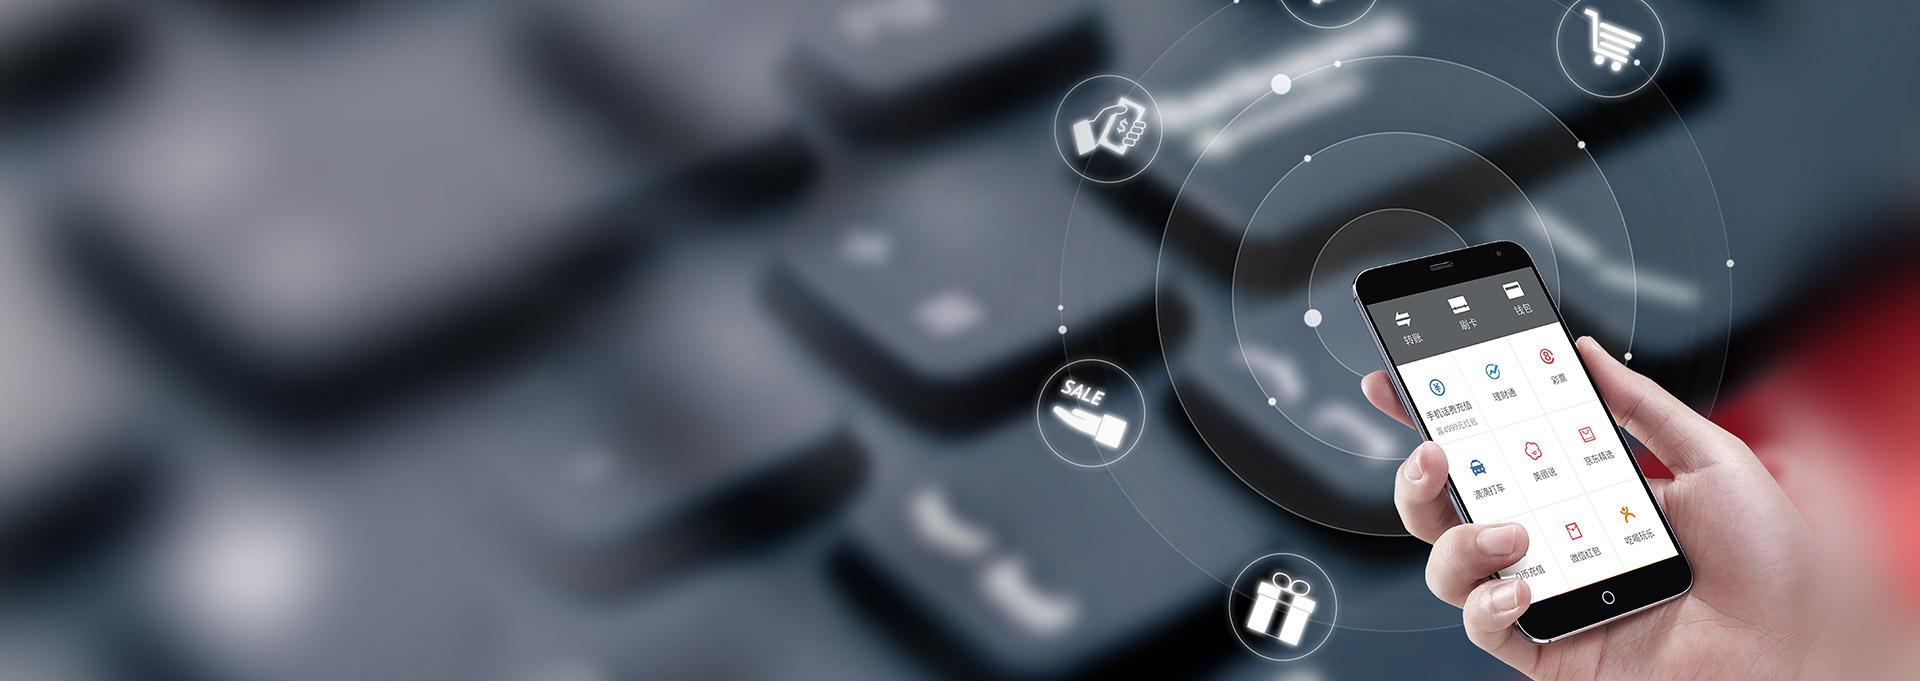 微信会员电商平台建设解决方案